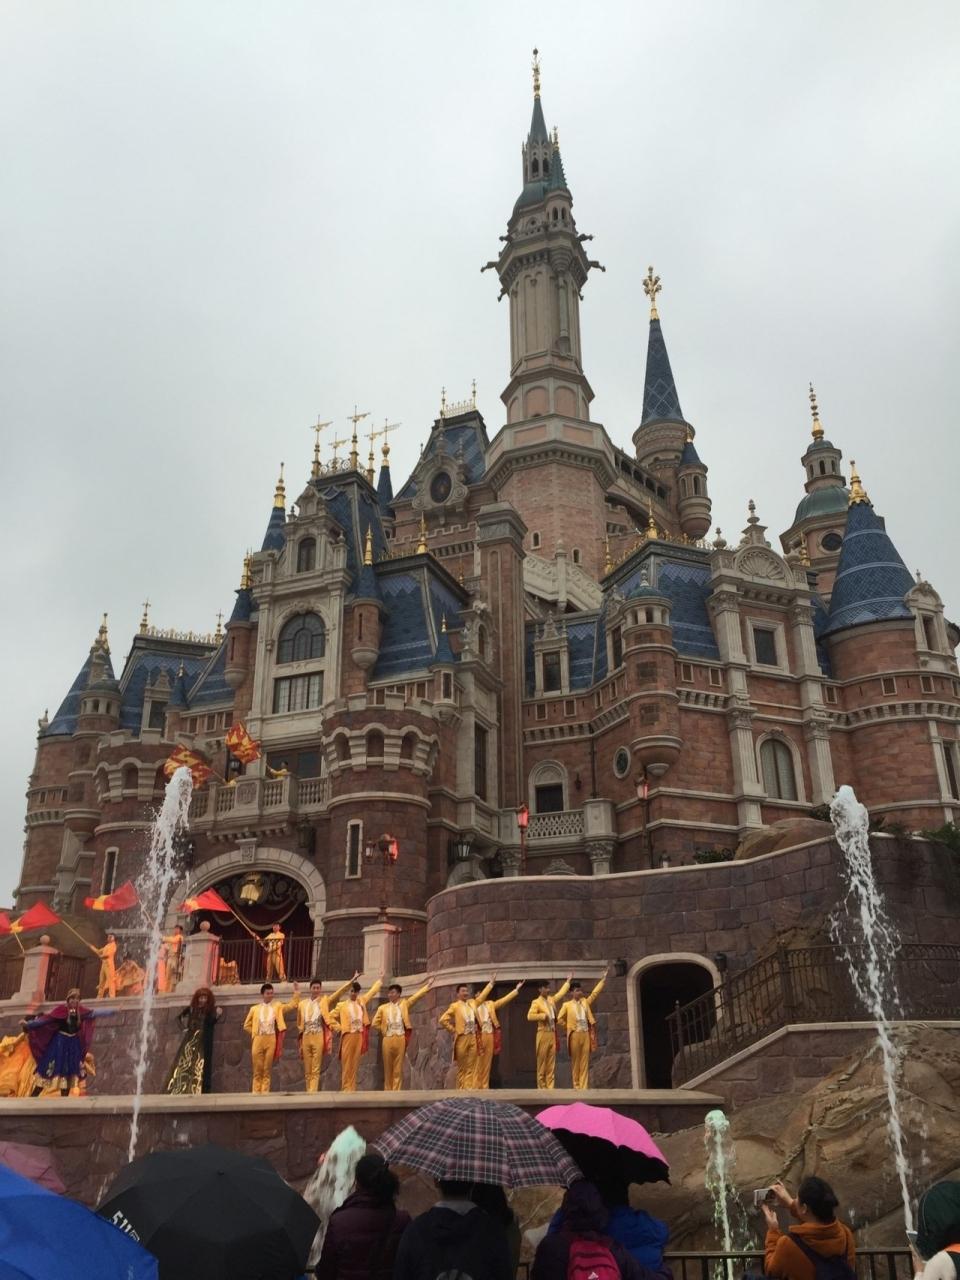 上海旅行2泊3日☆上海ディズニーは、凄かった!!☆(前半)』上海(中国)の